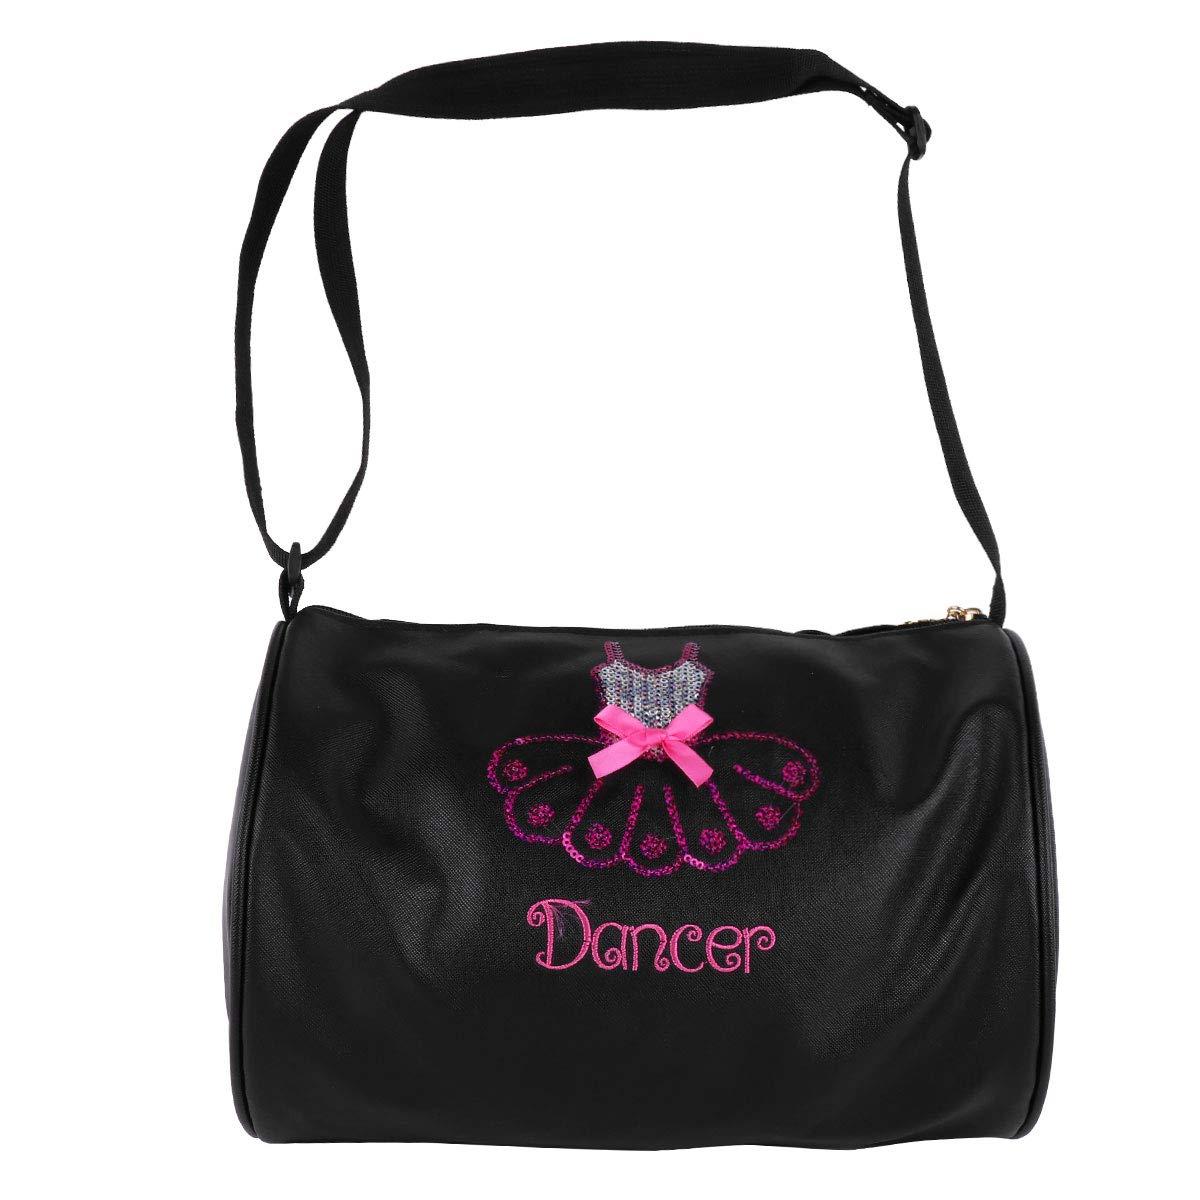 ... Tote Bandolera Mochila Personalizada Bordada Princesa Baile Bailarina Ejercicio Gimnasia Fieness Gym Negro One Size: Amazon.es: Ropa y accesorios